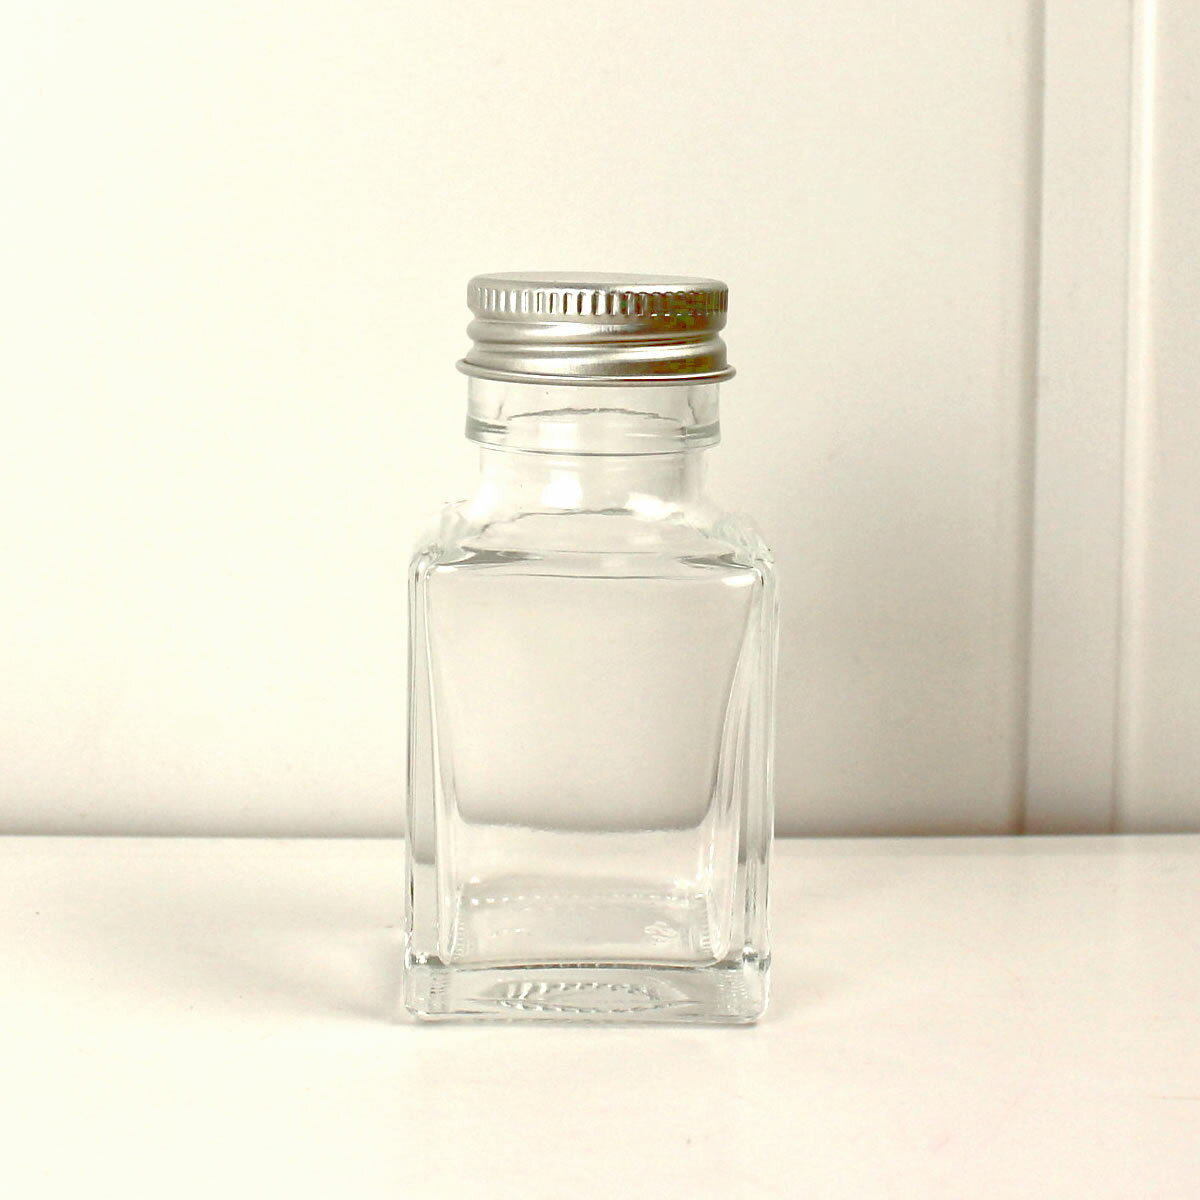 即日 ハーバリウム瓶 (角)50ml アルミ銀キャップ付《花資材・道具 ハーバリウム材料 ハーバリウム オイル》